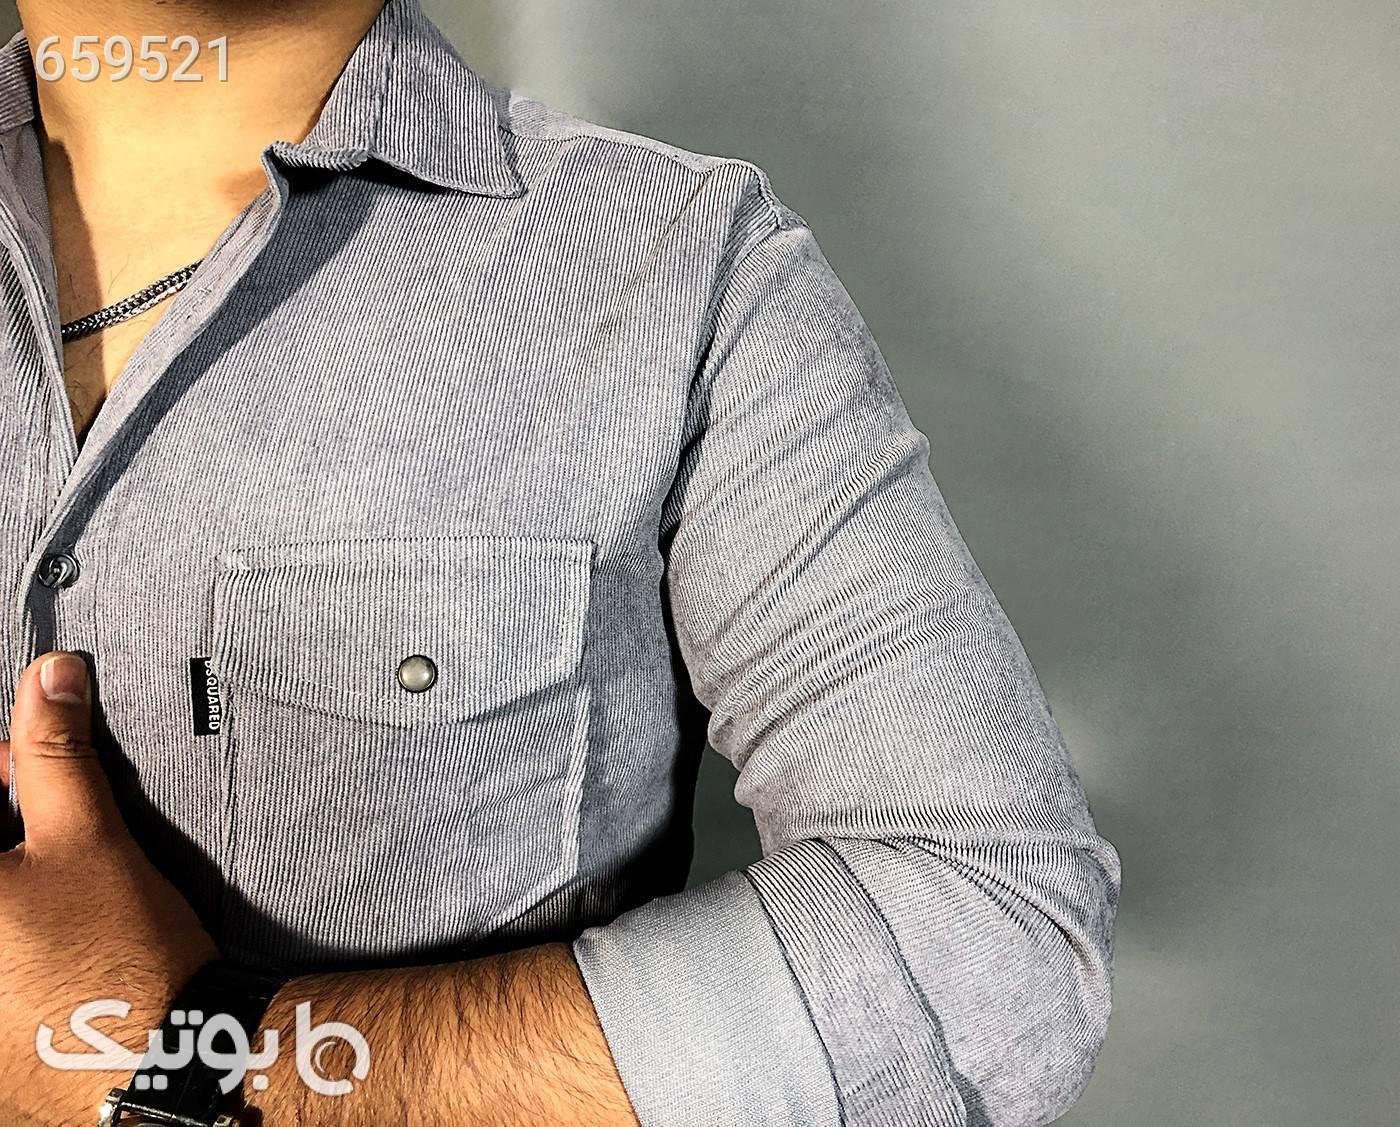 پیراهن مخمل کبریتی نقره ای پيراهن مردانه